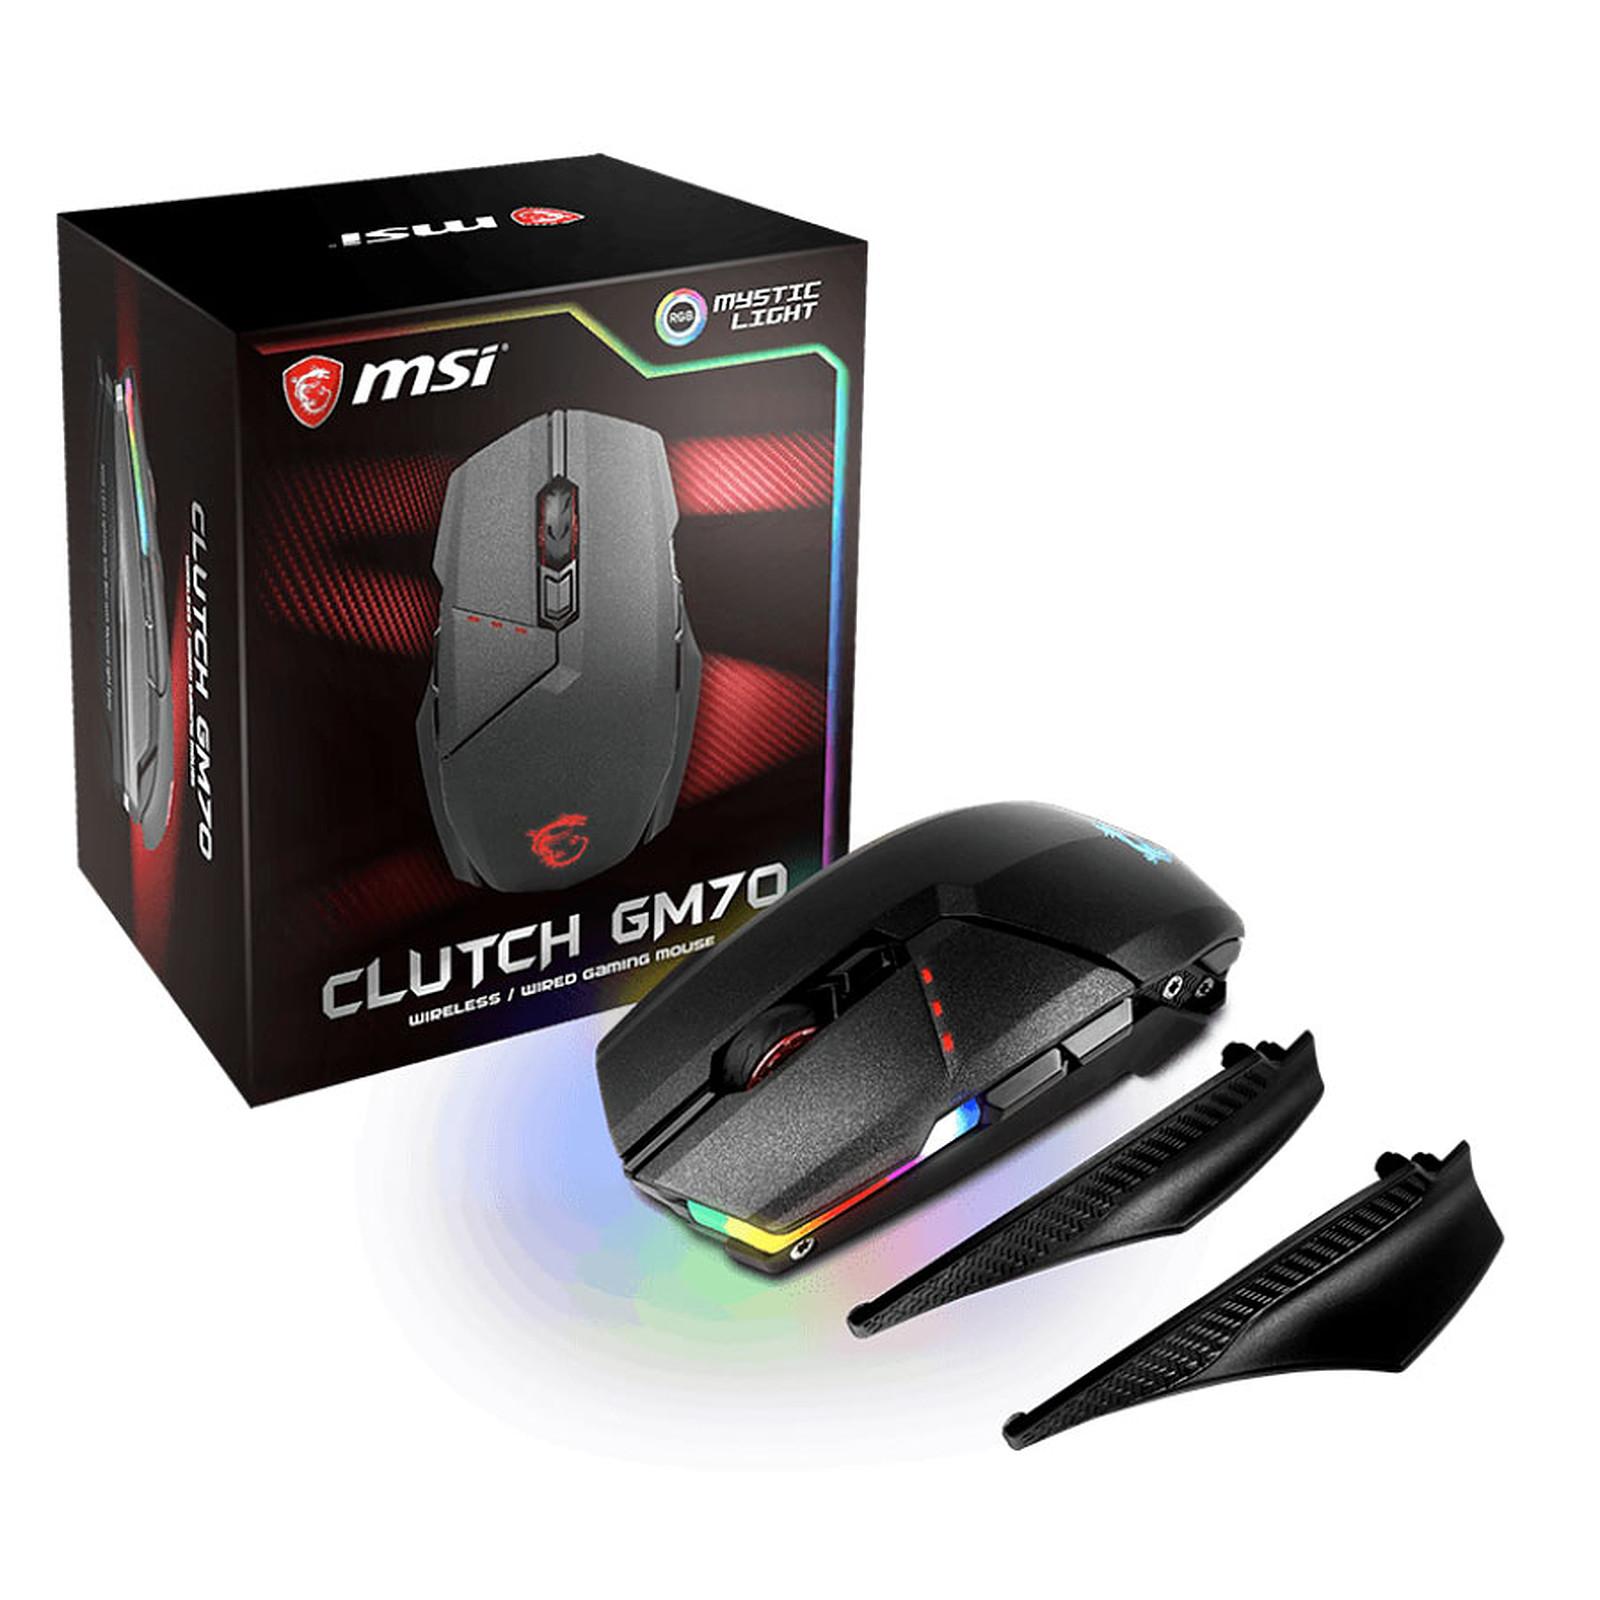 24e6a62b18d ... Souris PC; Avis MSI Clutch GM70; Acheter MSI Clutch GM70 ...